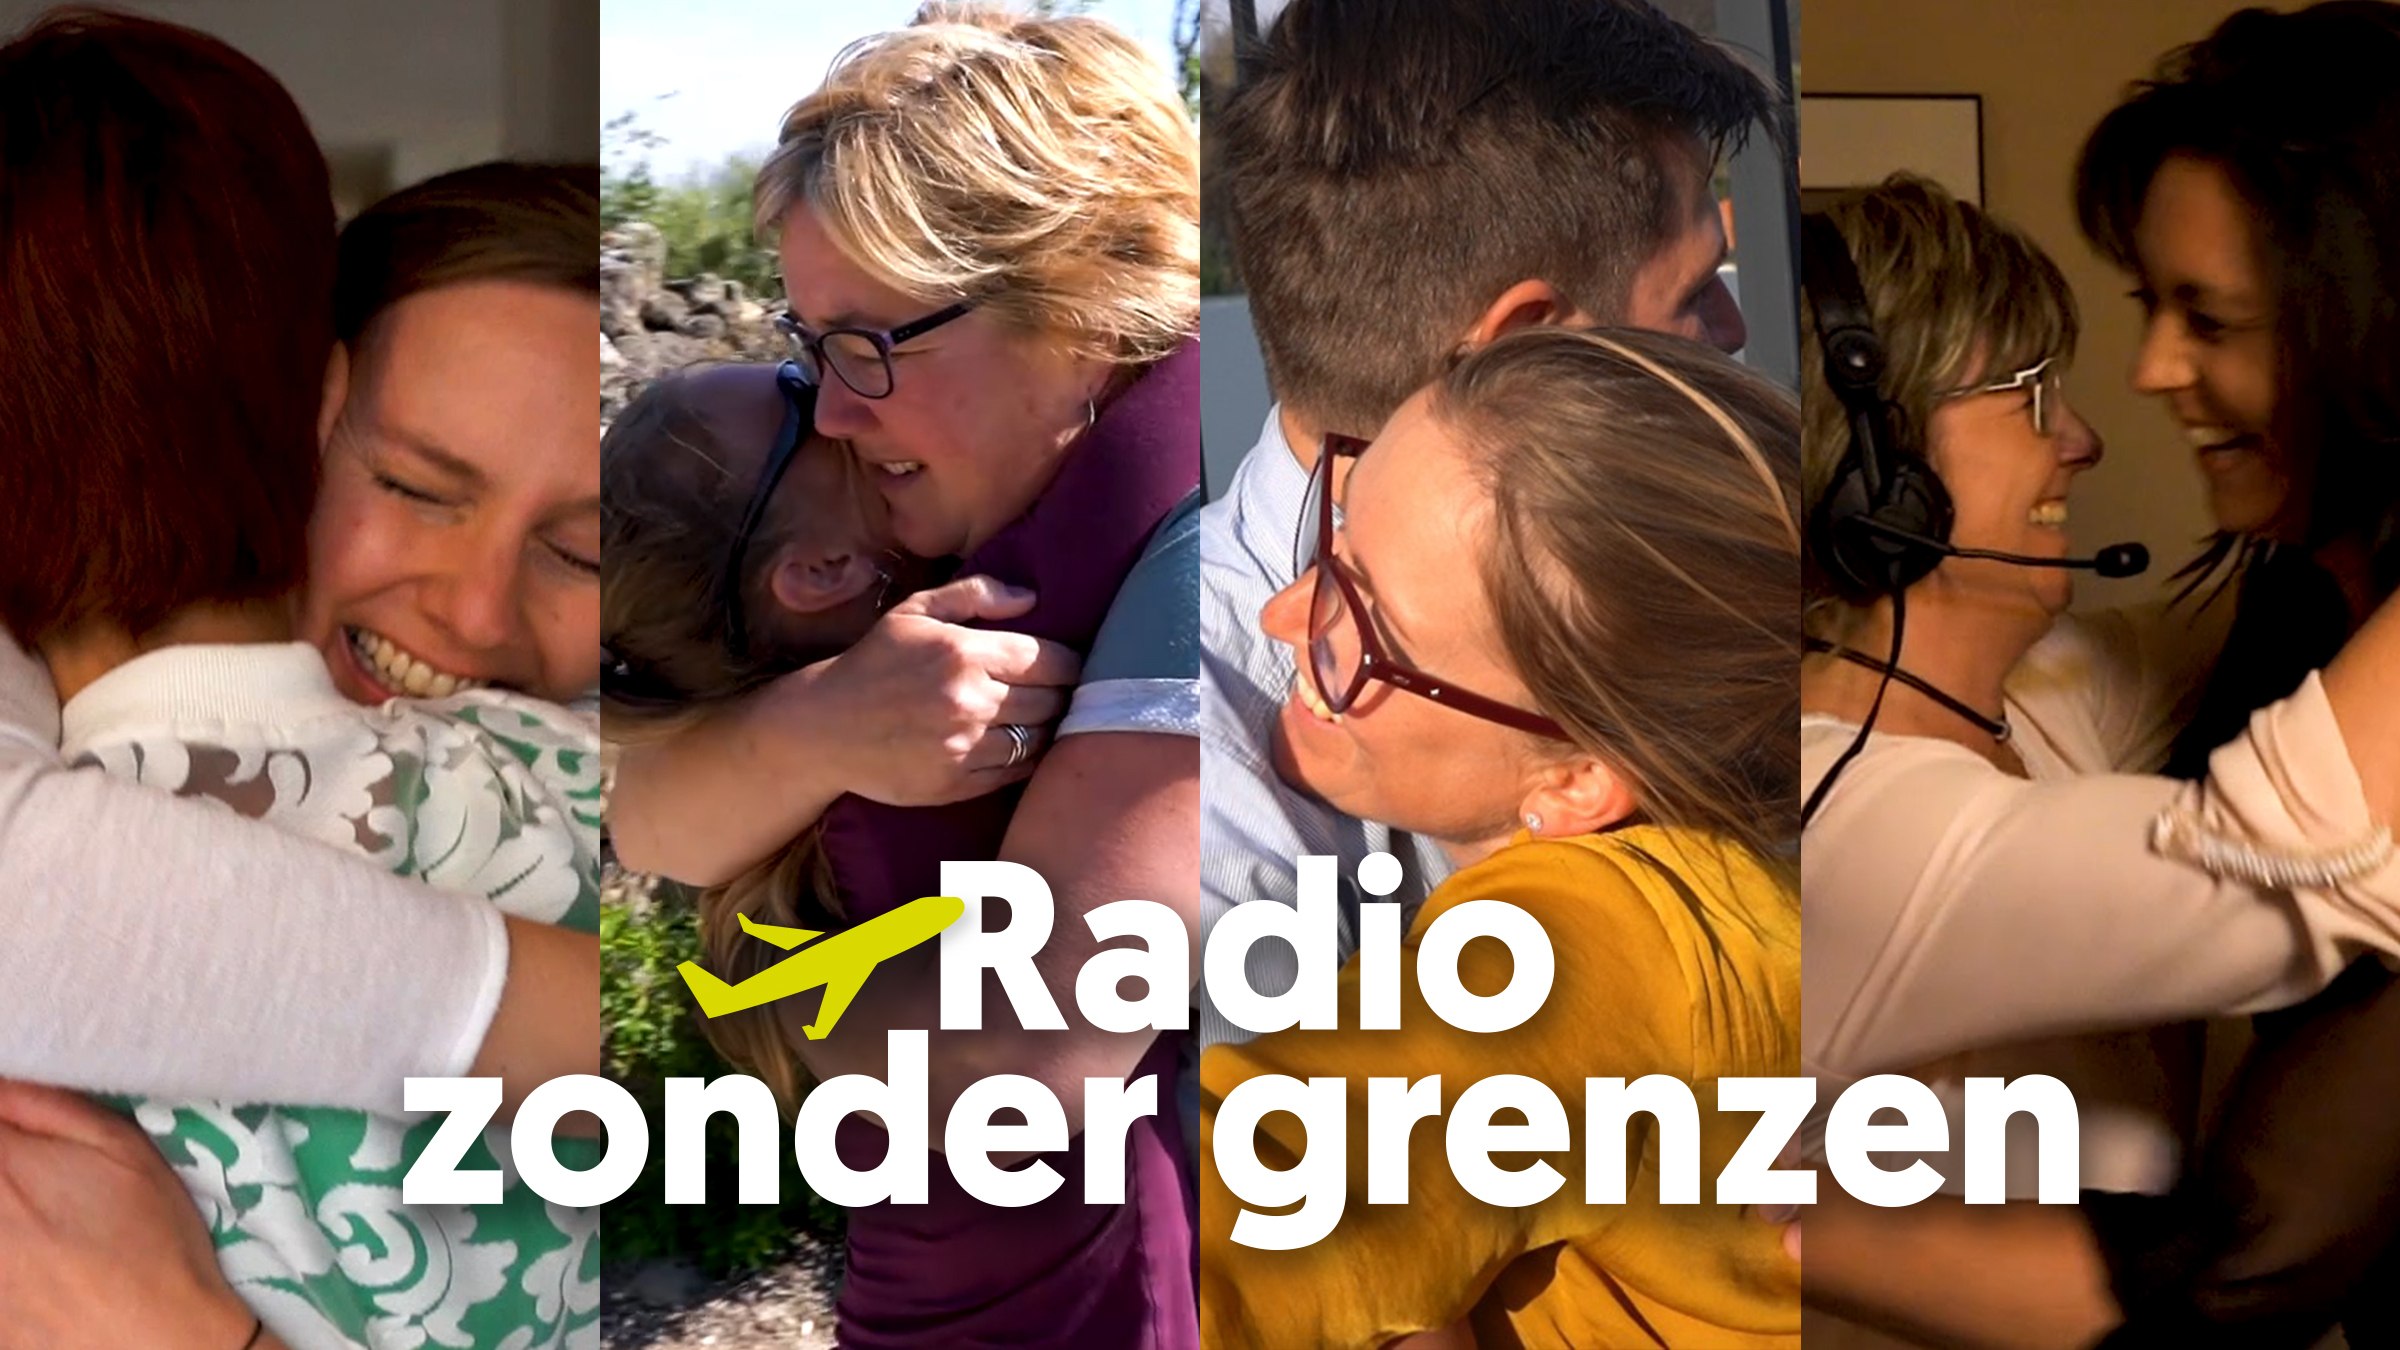 Radiozondergrenzen recap